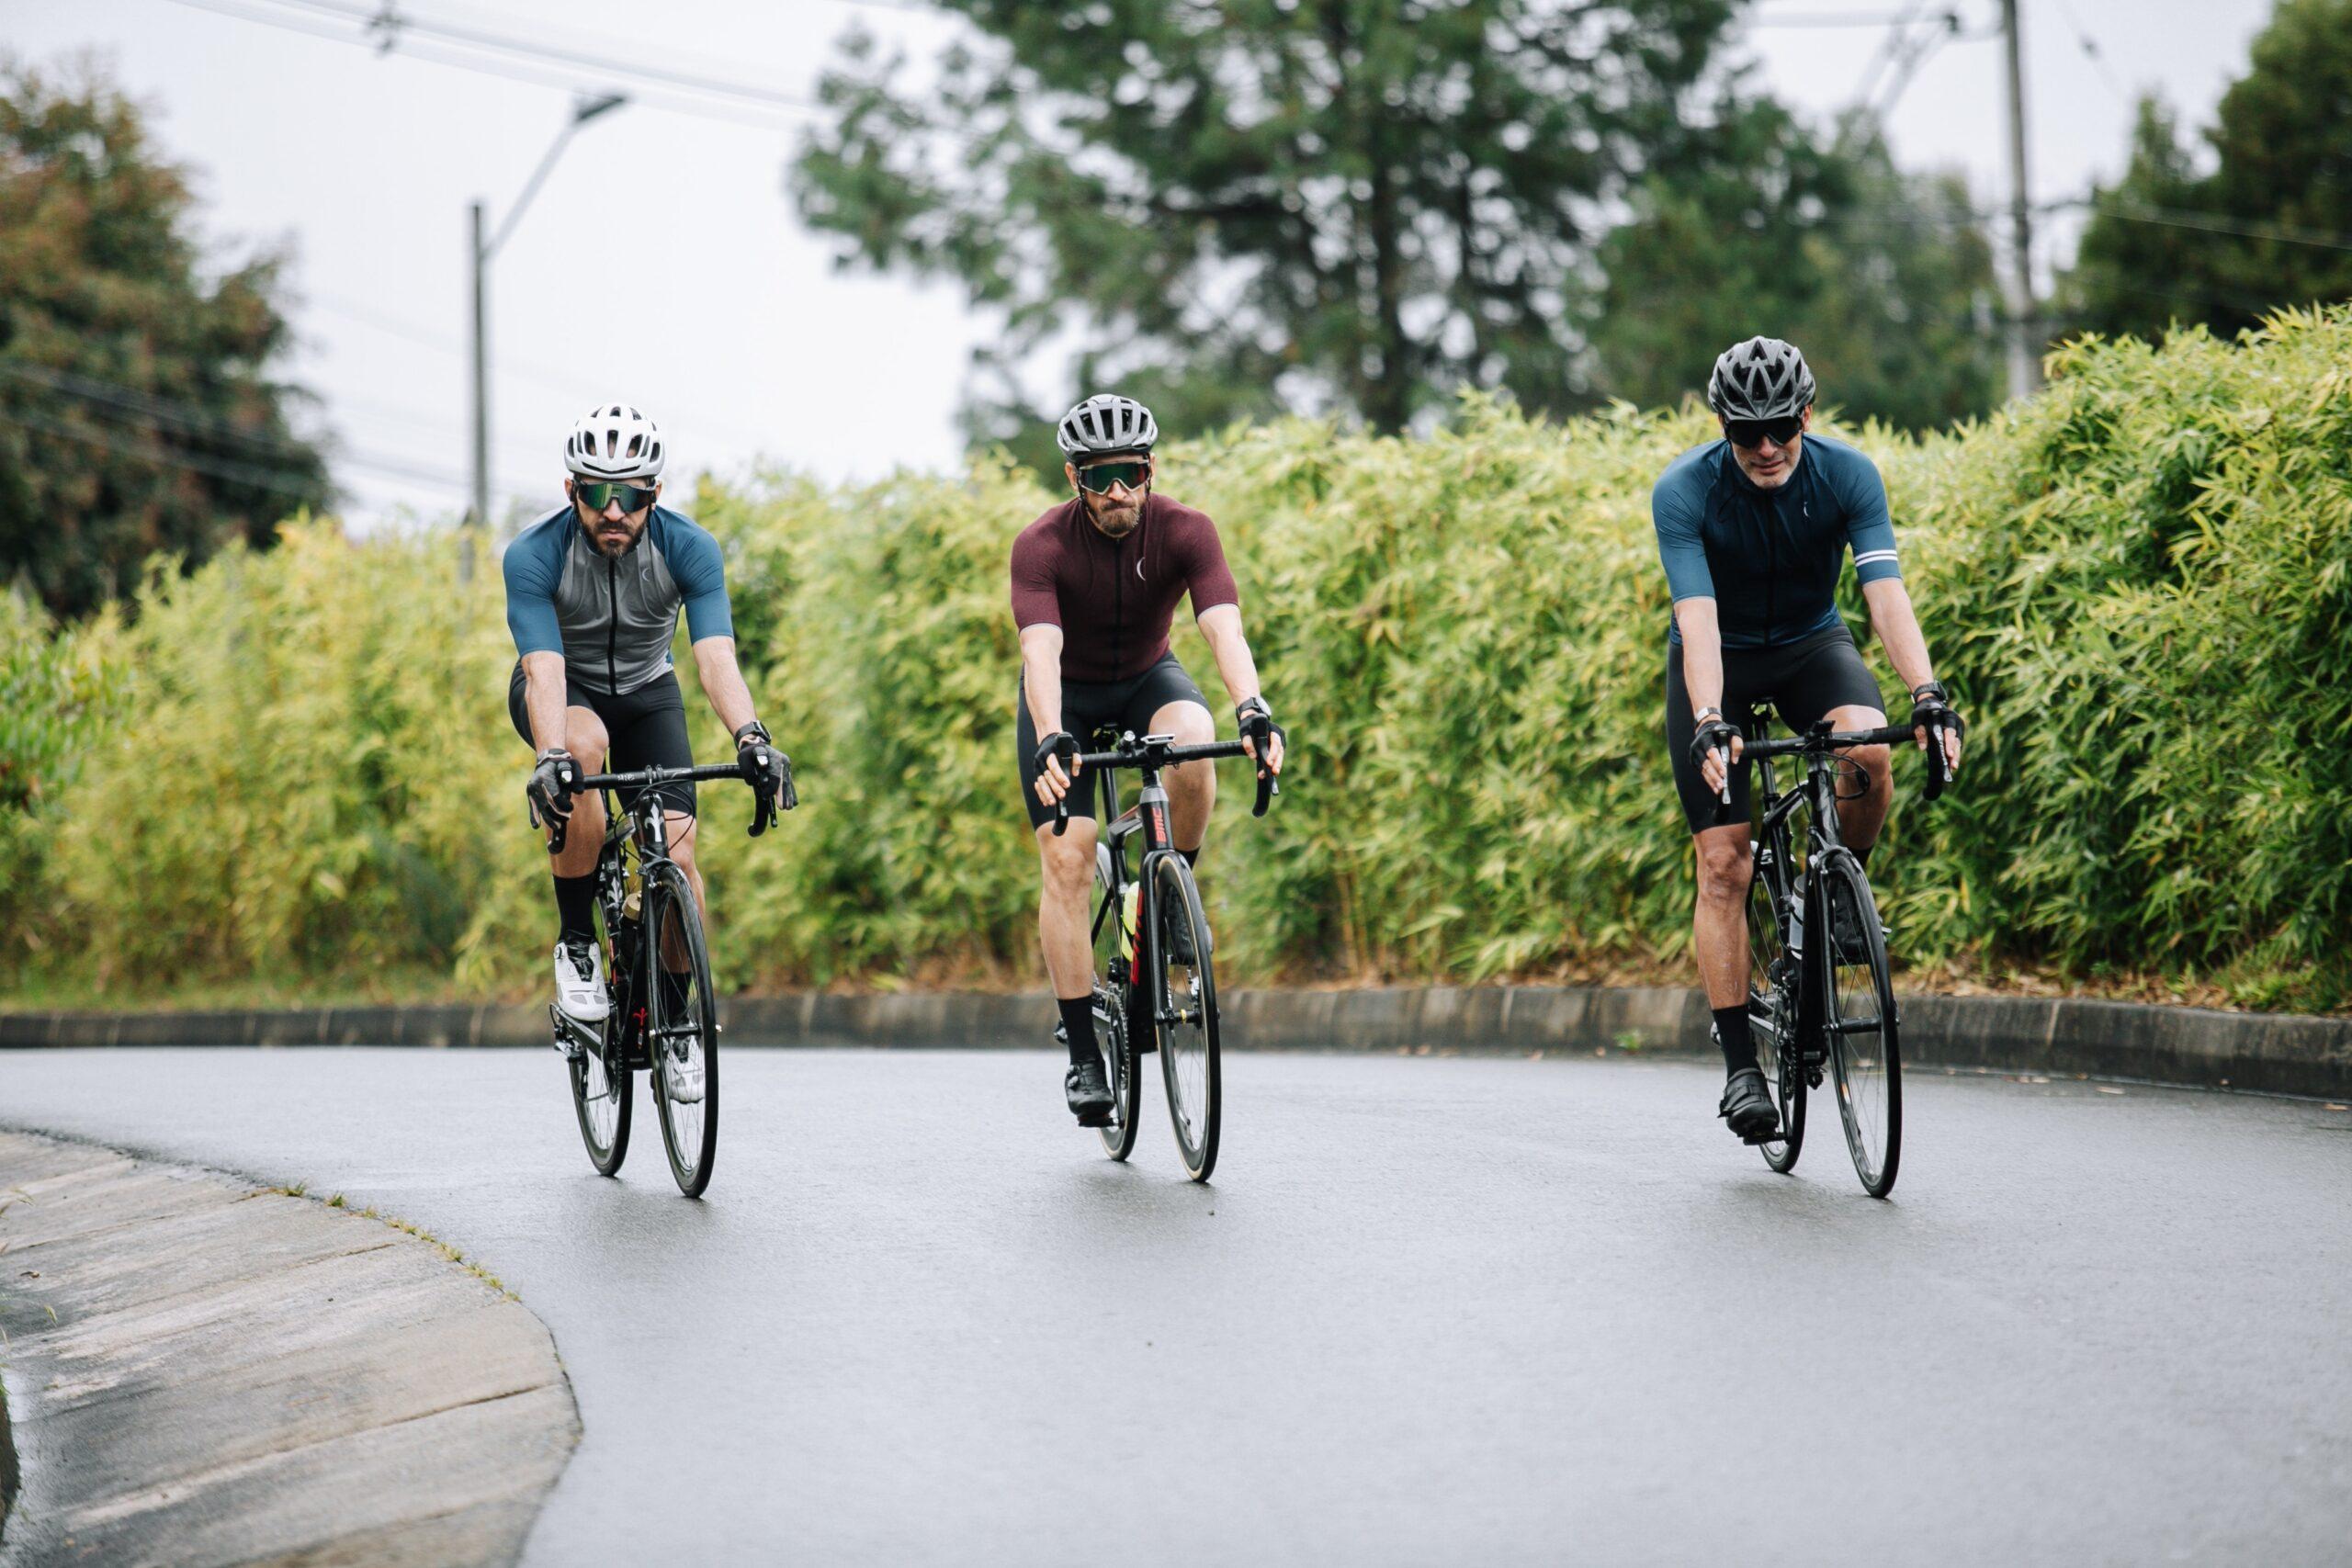 Ciclisti che pedalano per prevenire gli infortuni in bici